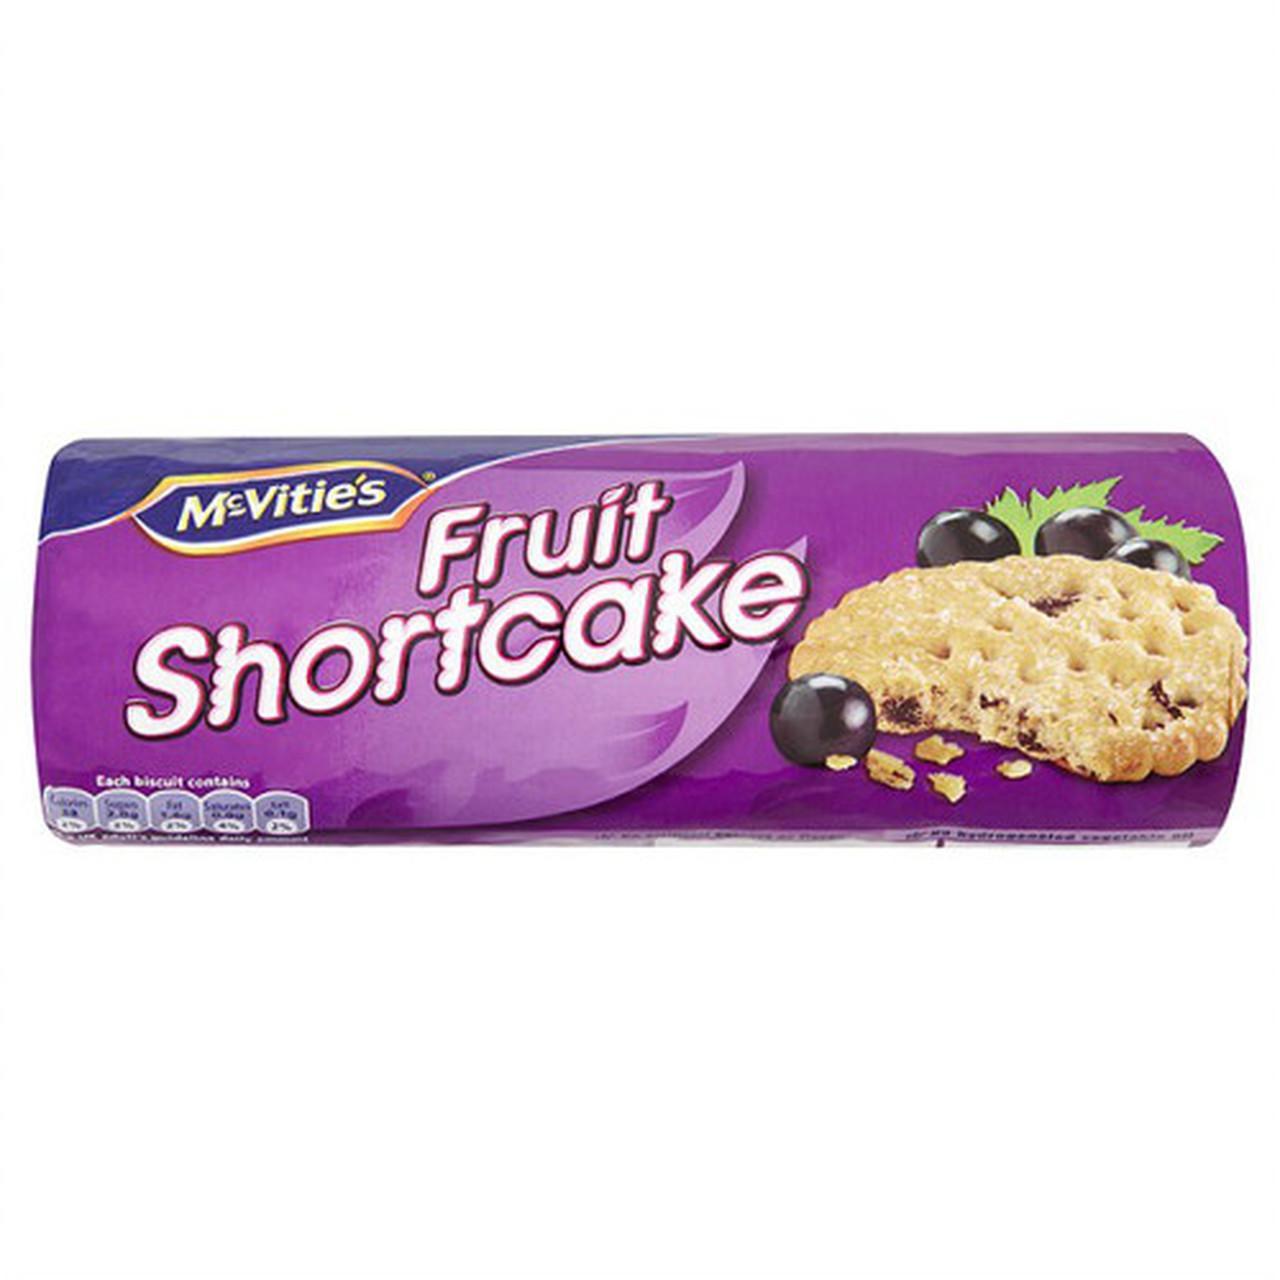 McVitie's Fruit Shortcake, 200g